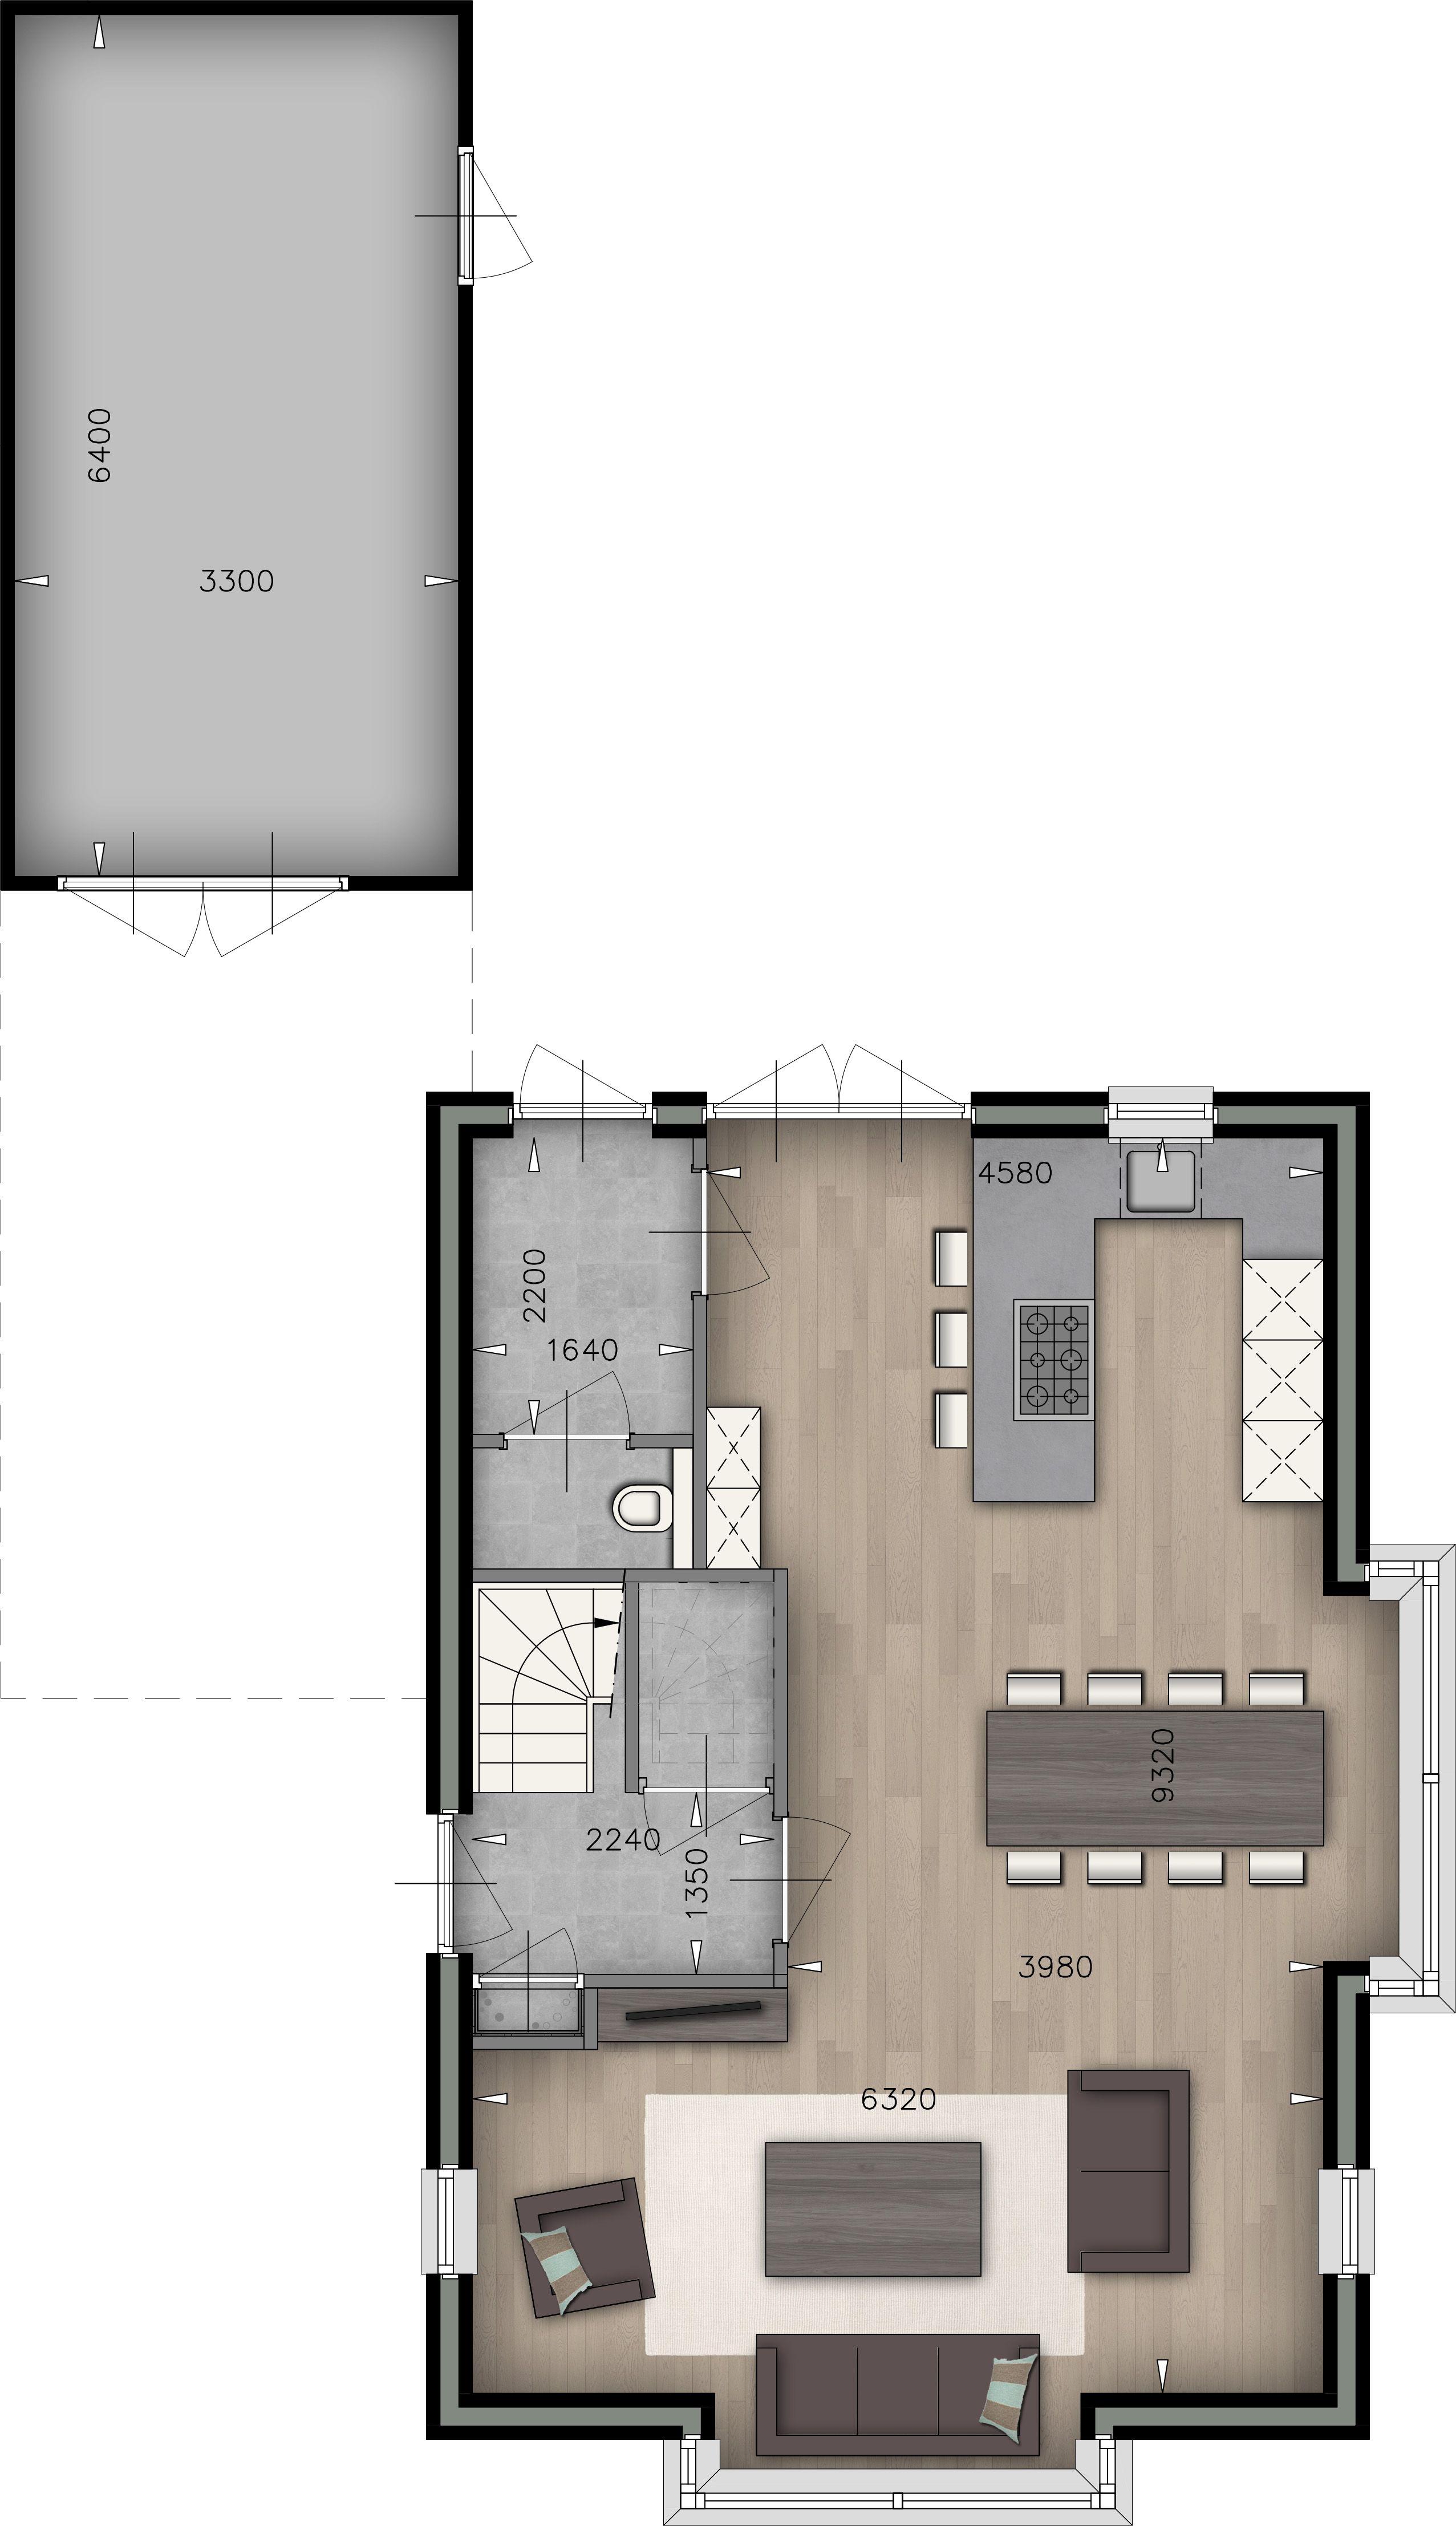 Plattegrond Woonkamer | Keuken | WC | Garage - huizen | Pinterest ...